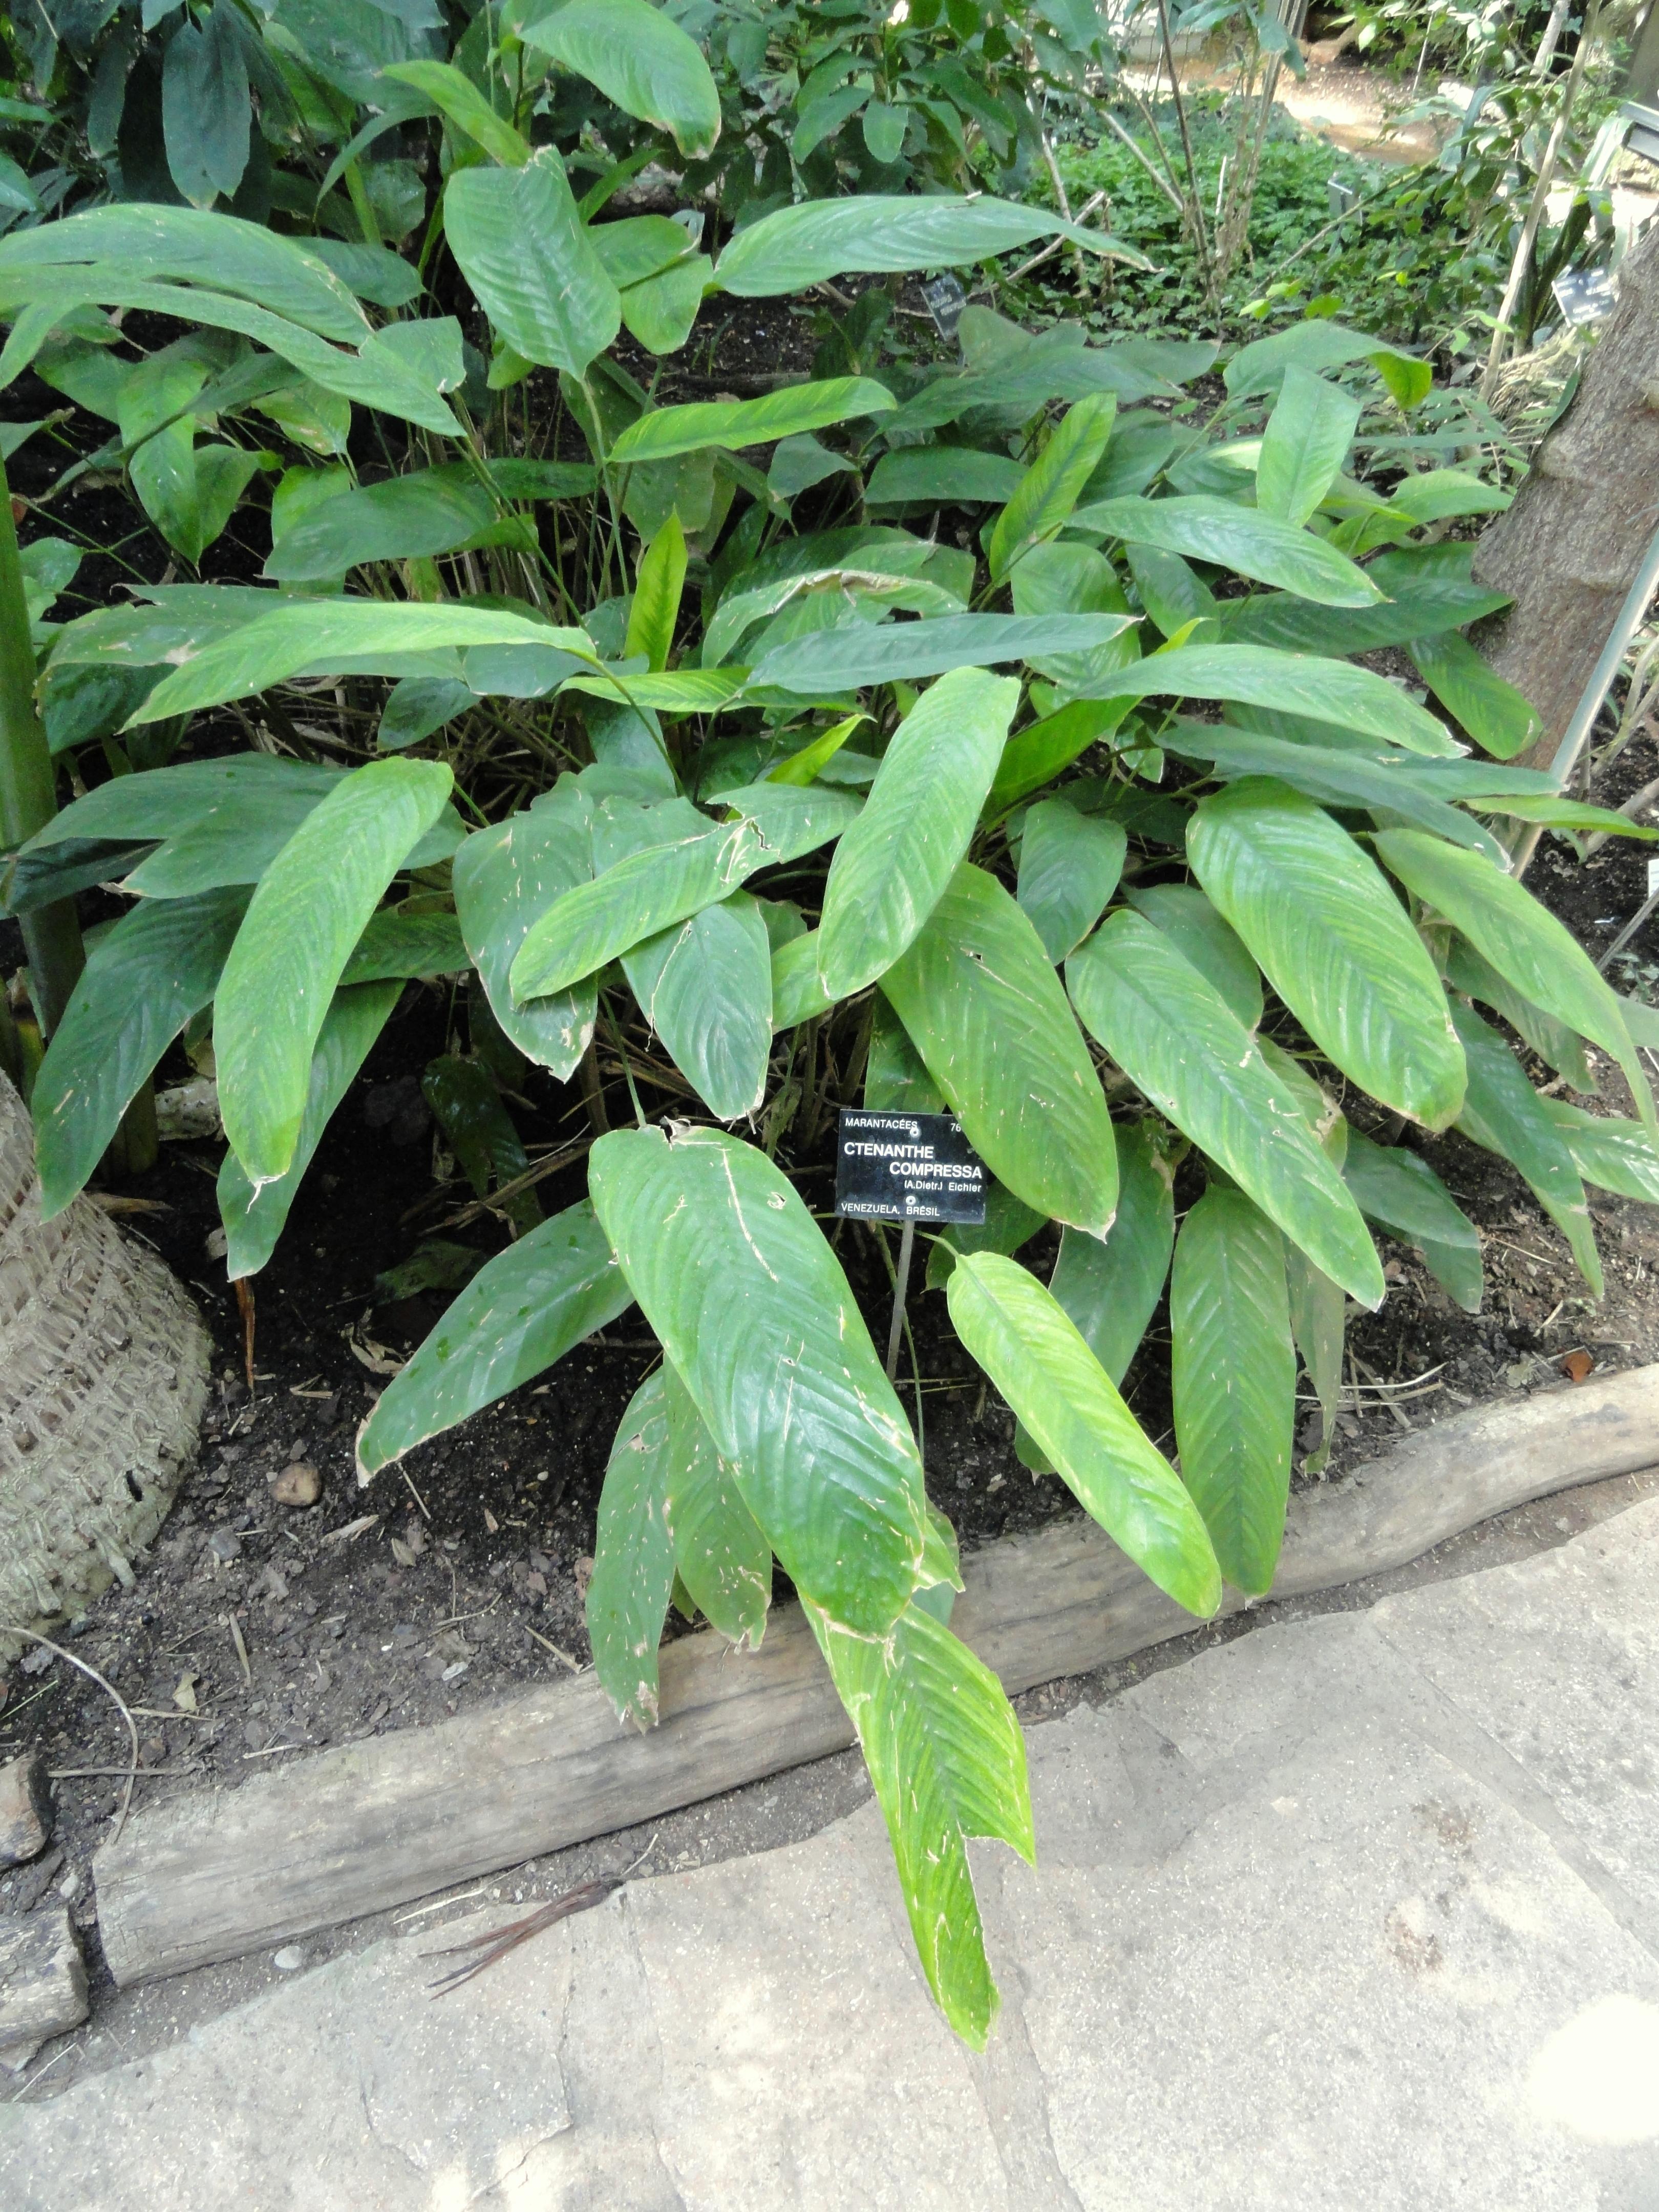 File ctenanthe compressa jardin botanique de lyon - Jardin botanique de lyon ...